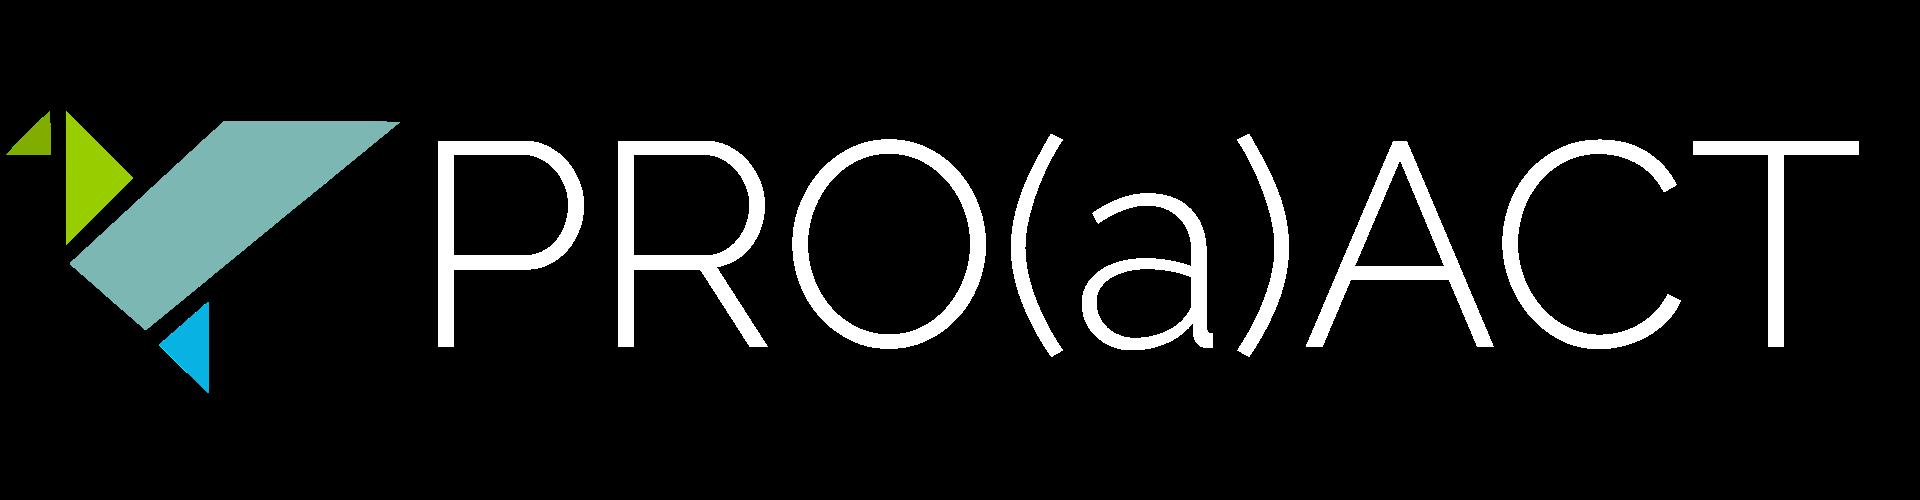 PRO(a)ACT logo white